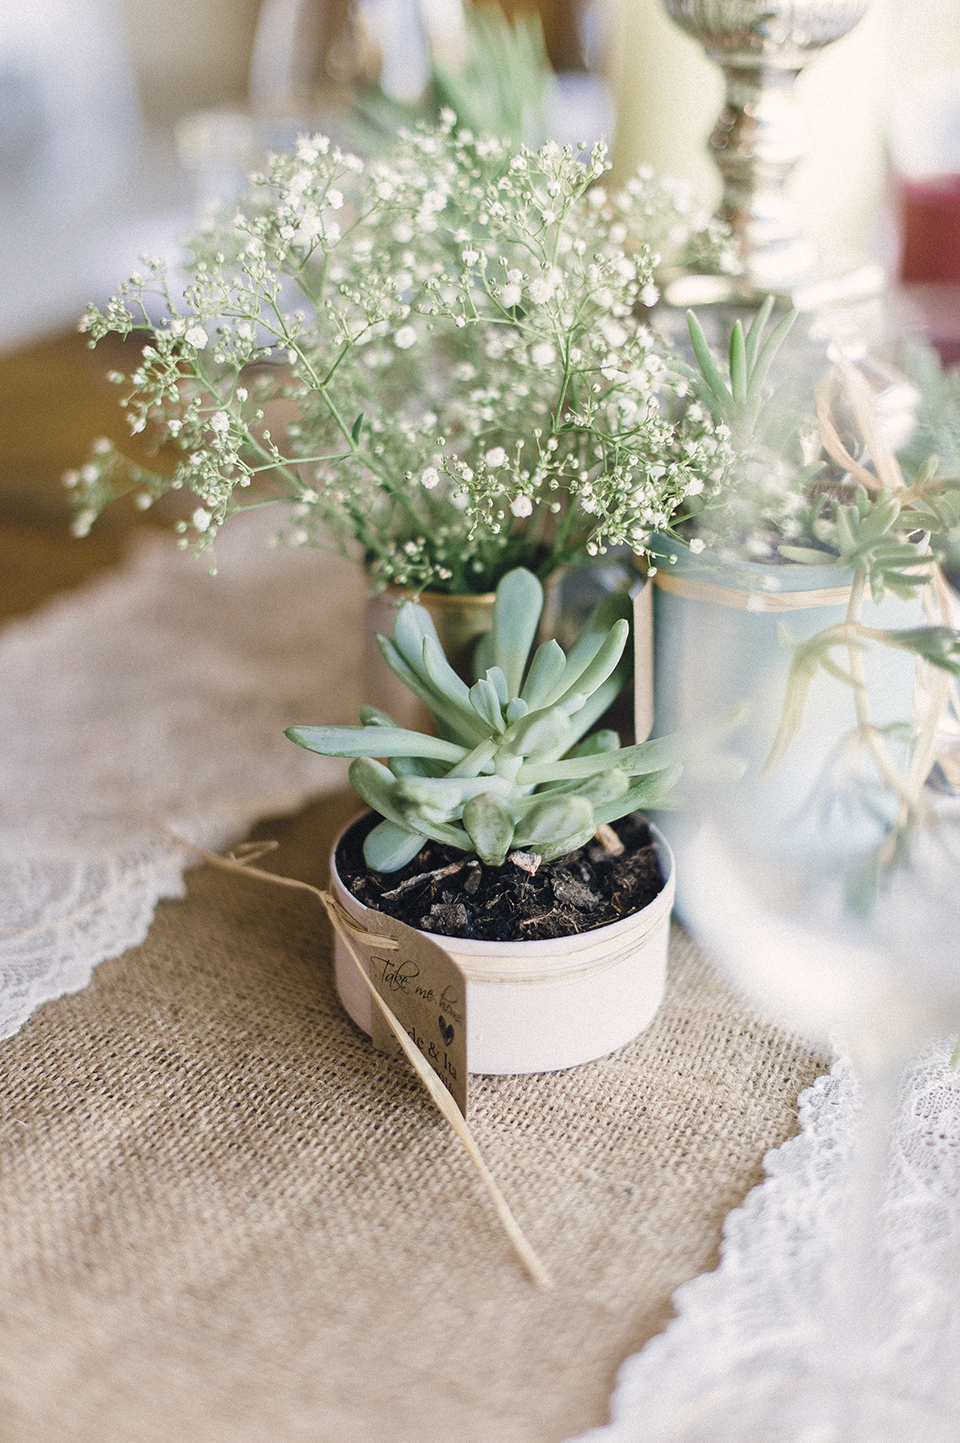 RyanParker_WeddingPhotographer_FineArt_CapeTown_Stanford_Hermanus_J&I_DSC_0193.jpg